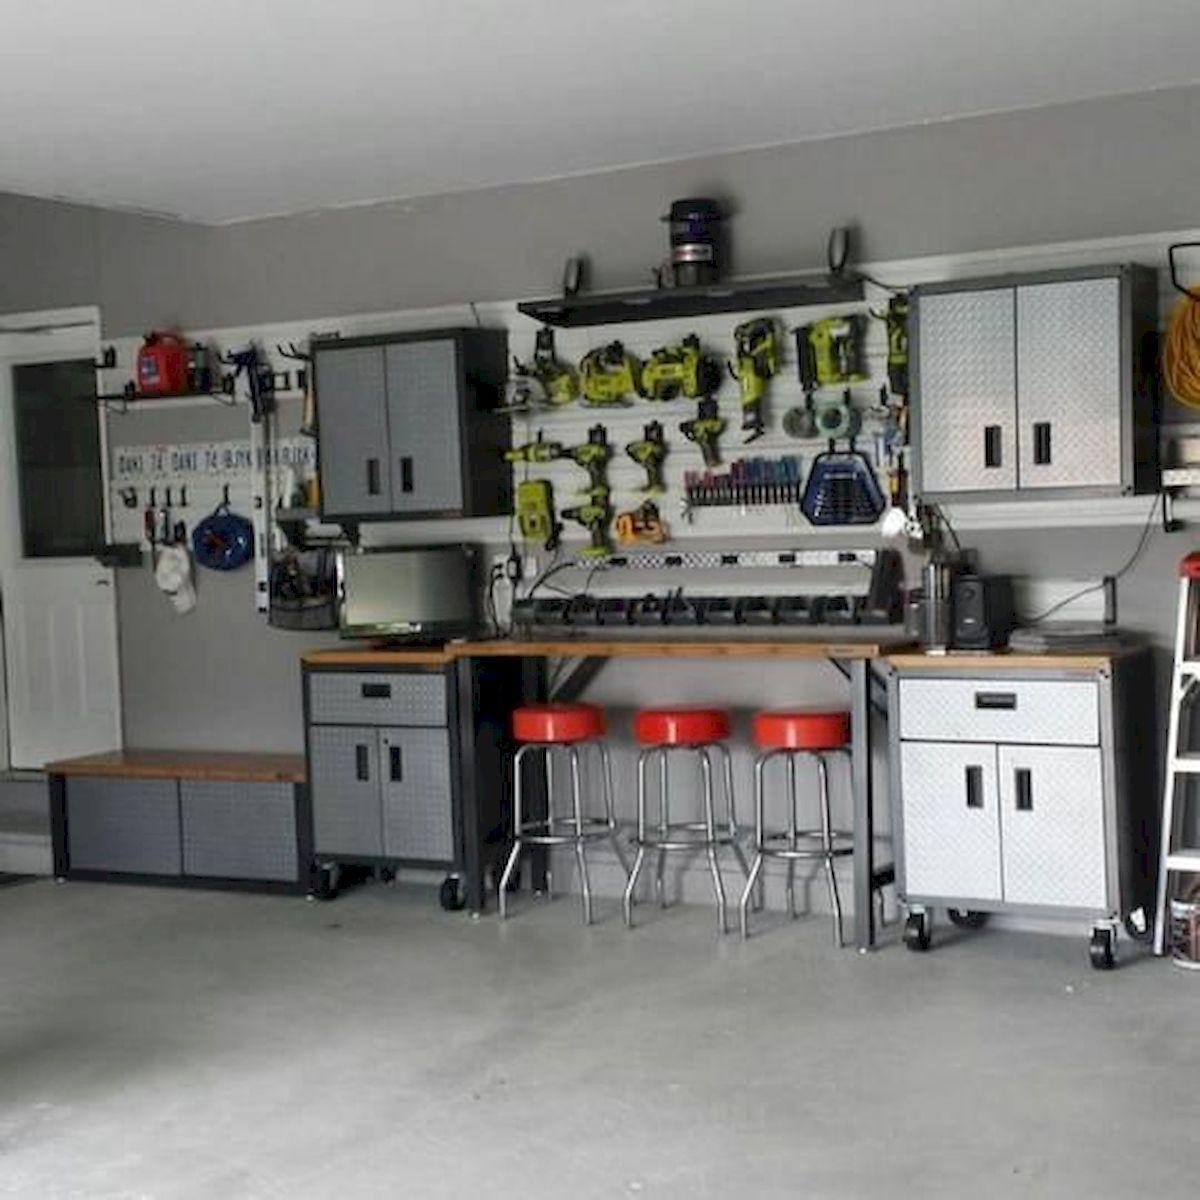 40 inspiring diy garage storage design ideas on a budget on inspiring diy garage storage design ideas on a budget to maximize your garage id=77854